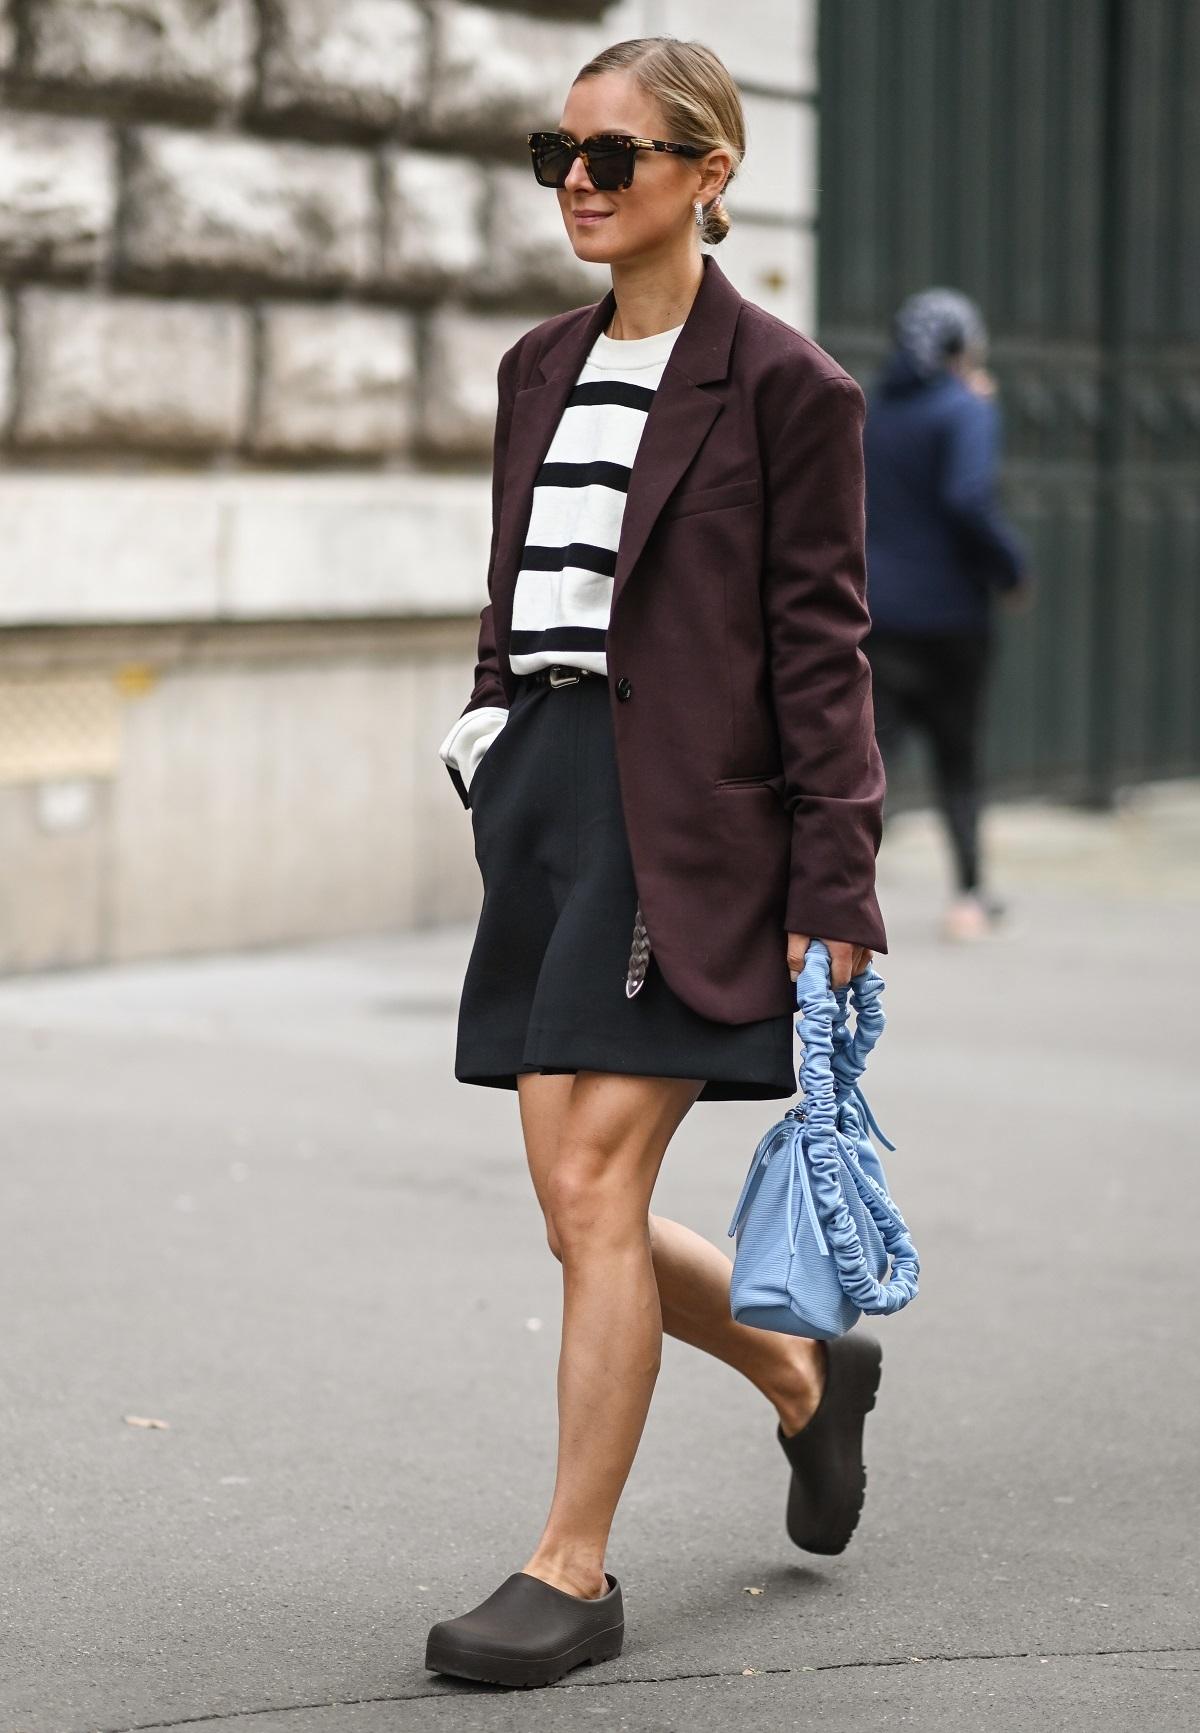 Combinar el blazer con unas bermudas y un suéter de rayas.